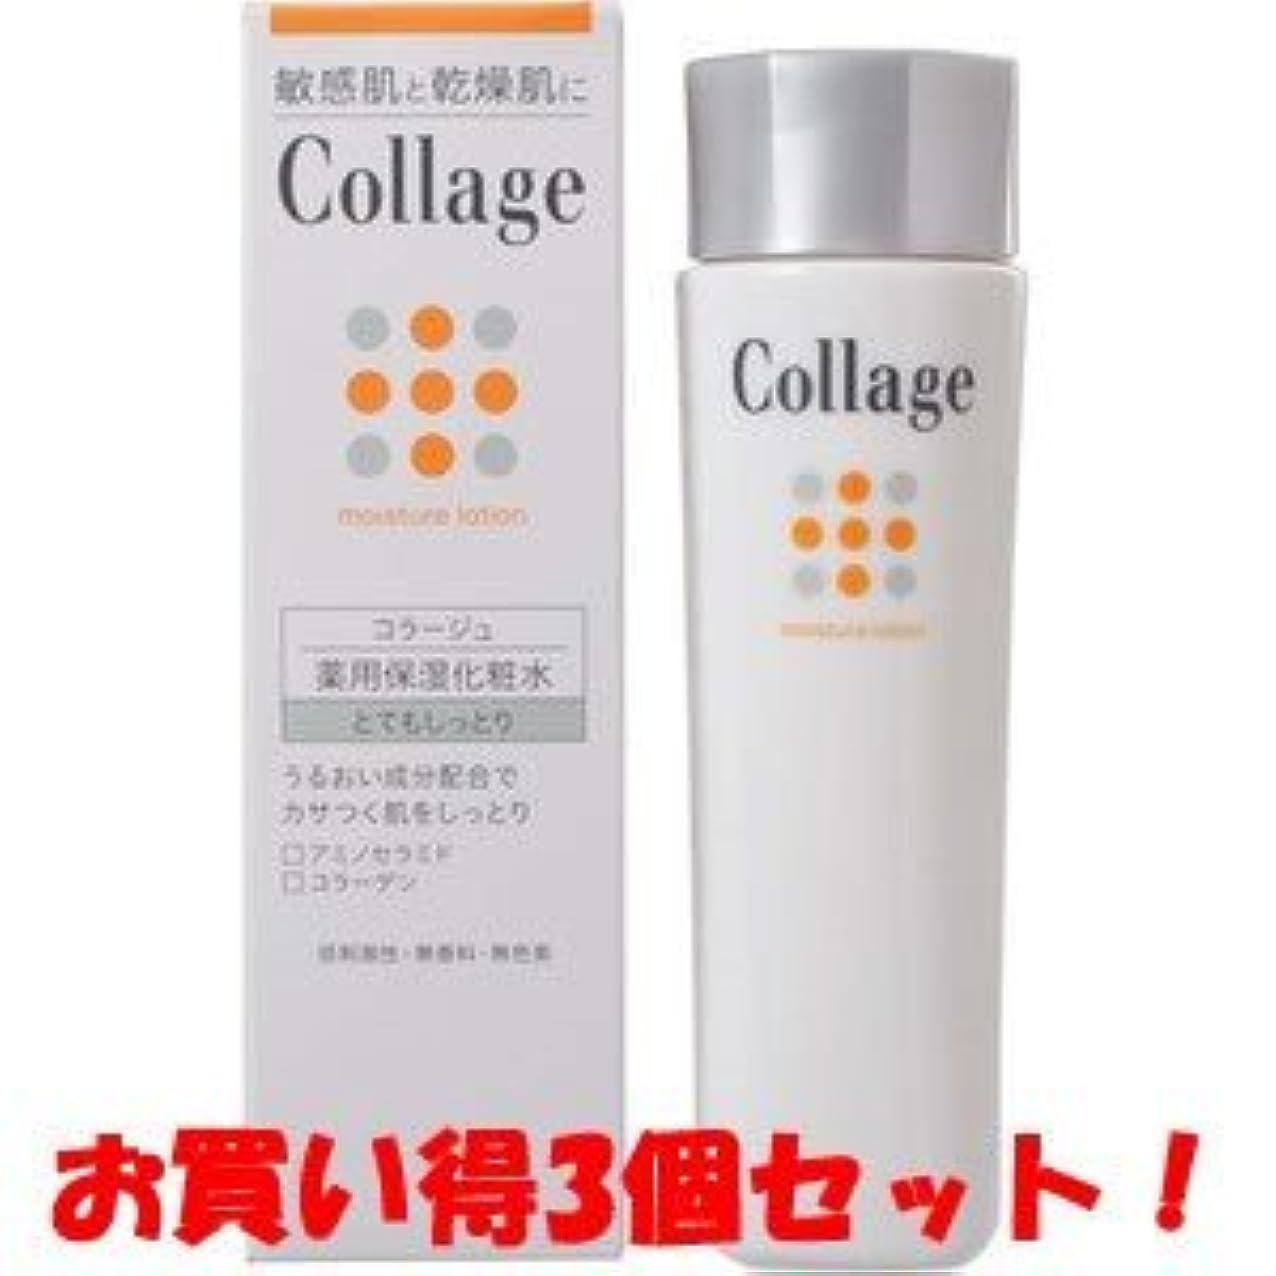 小人交通渋滞たまに(持田ヘルスケア)コラージュ 薬用保湿化粧水 とてもしっとり 120ml(医薬部外品)(お買い得3個セット)